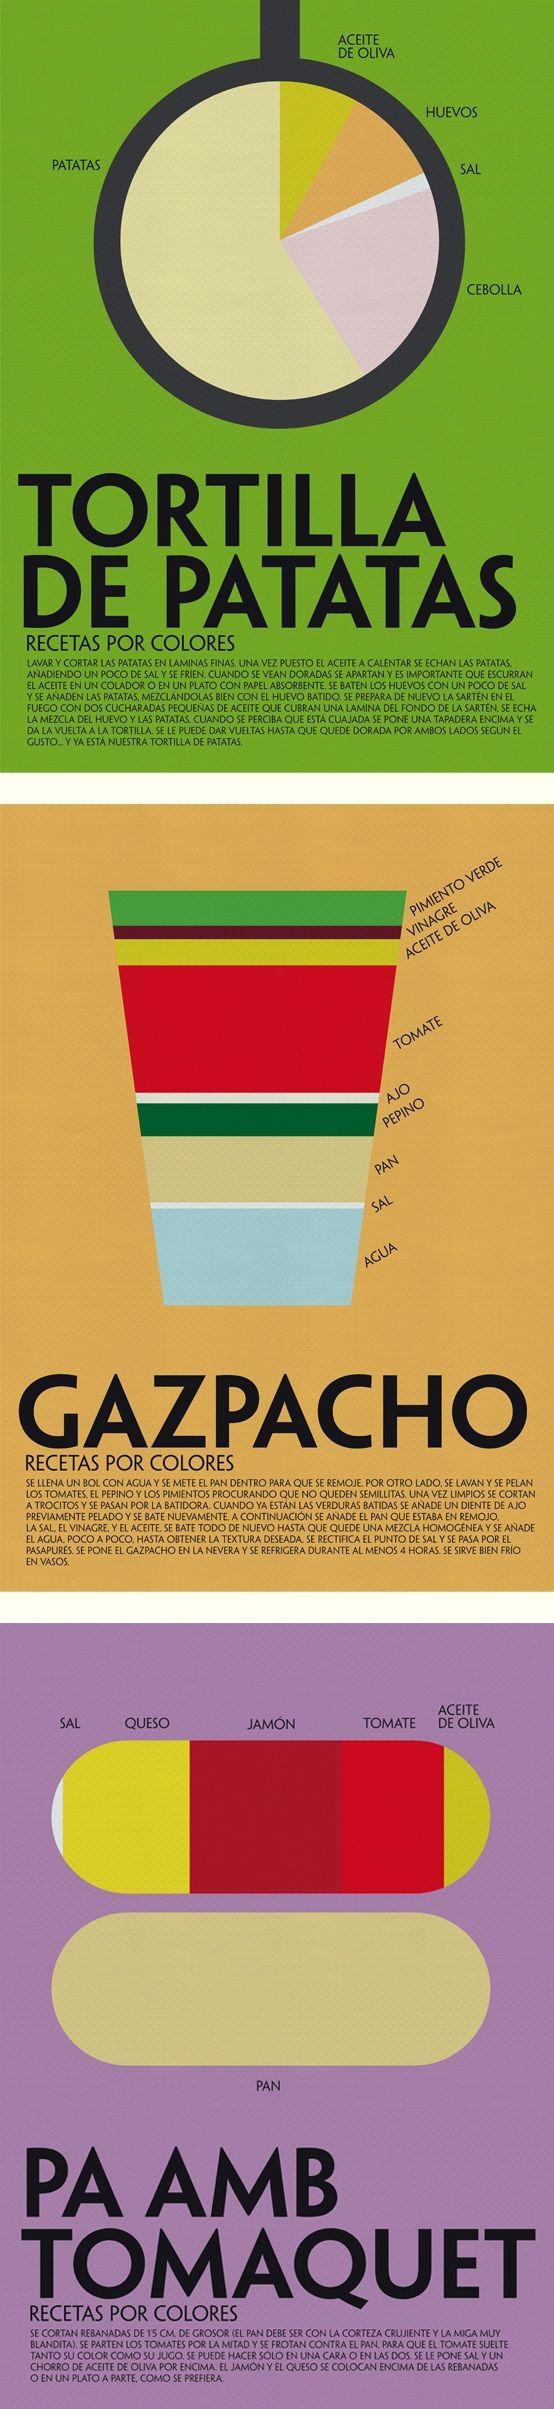 Tortilla de patata - Gazpacho - Pan con tomate: recetas por colores #infografia